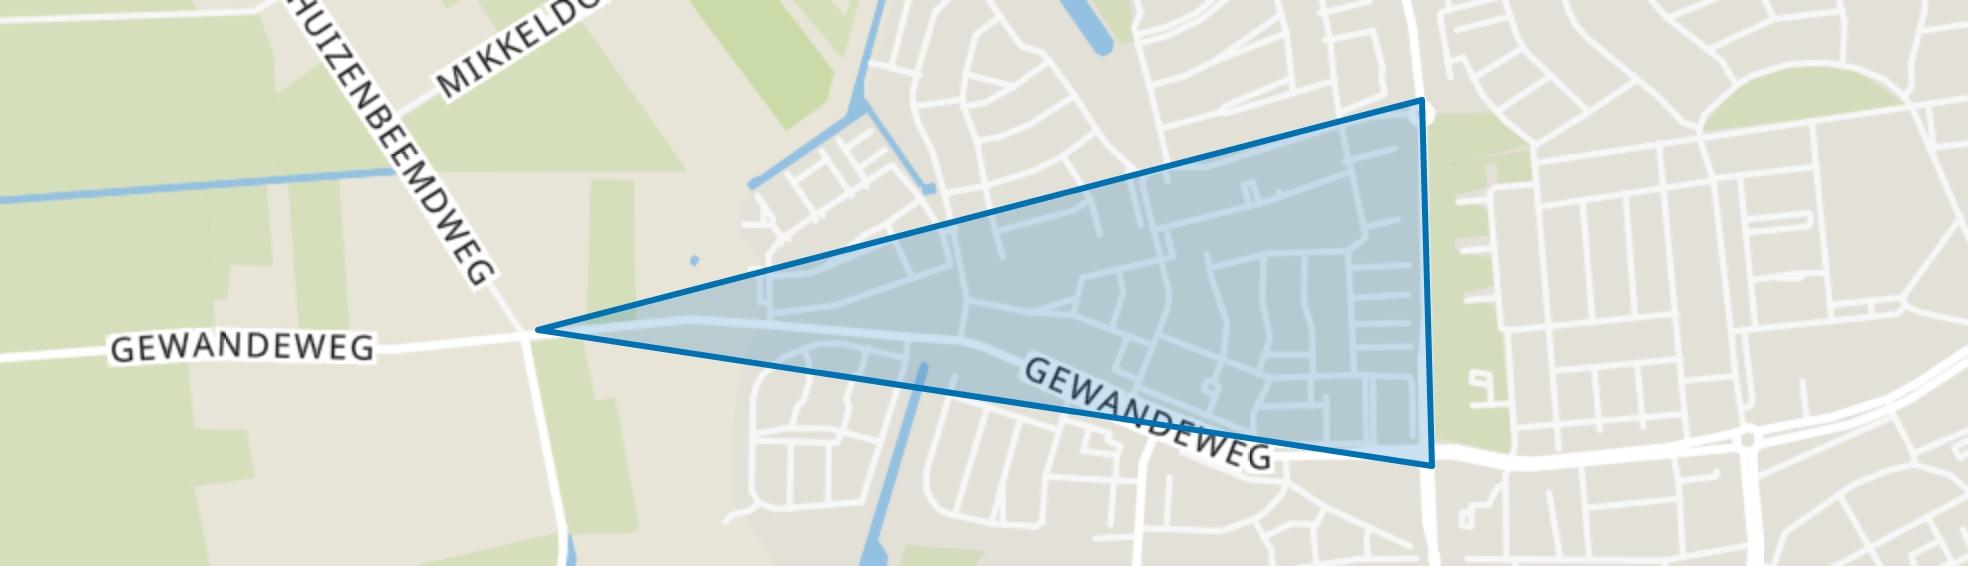 Westerveld, Oss map